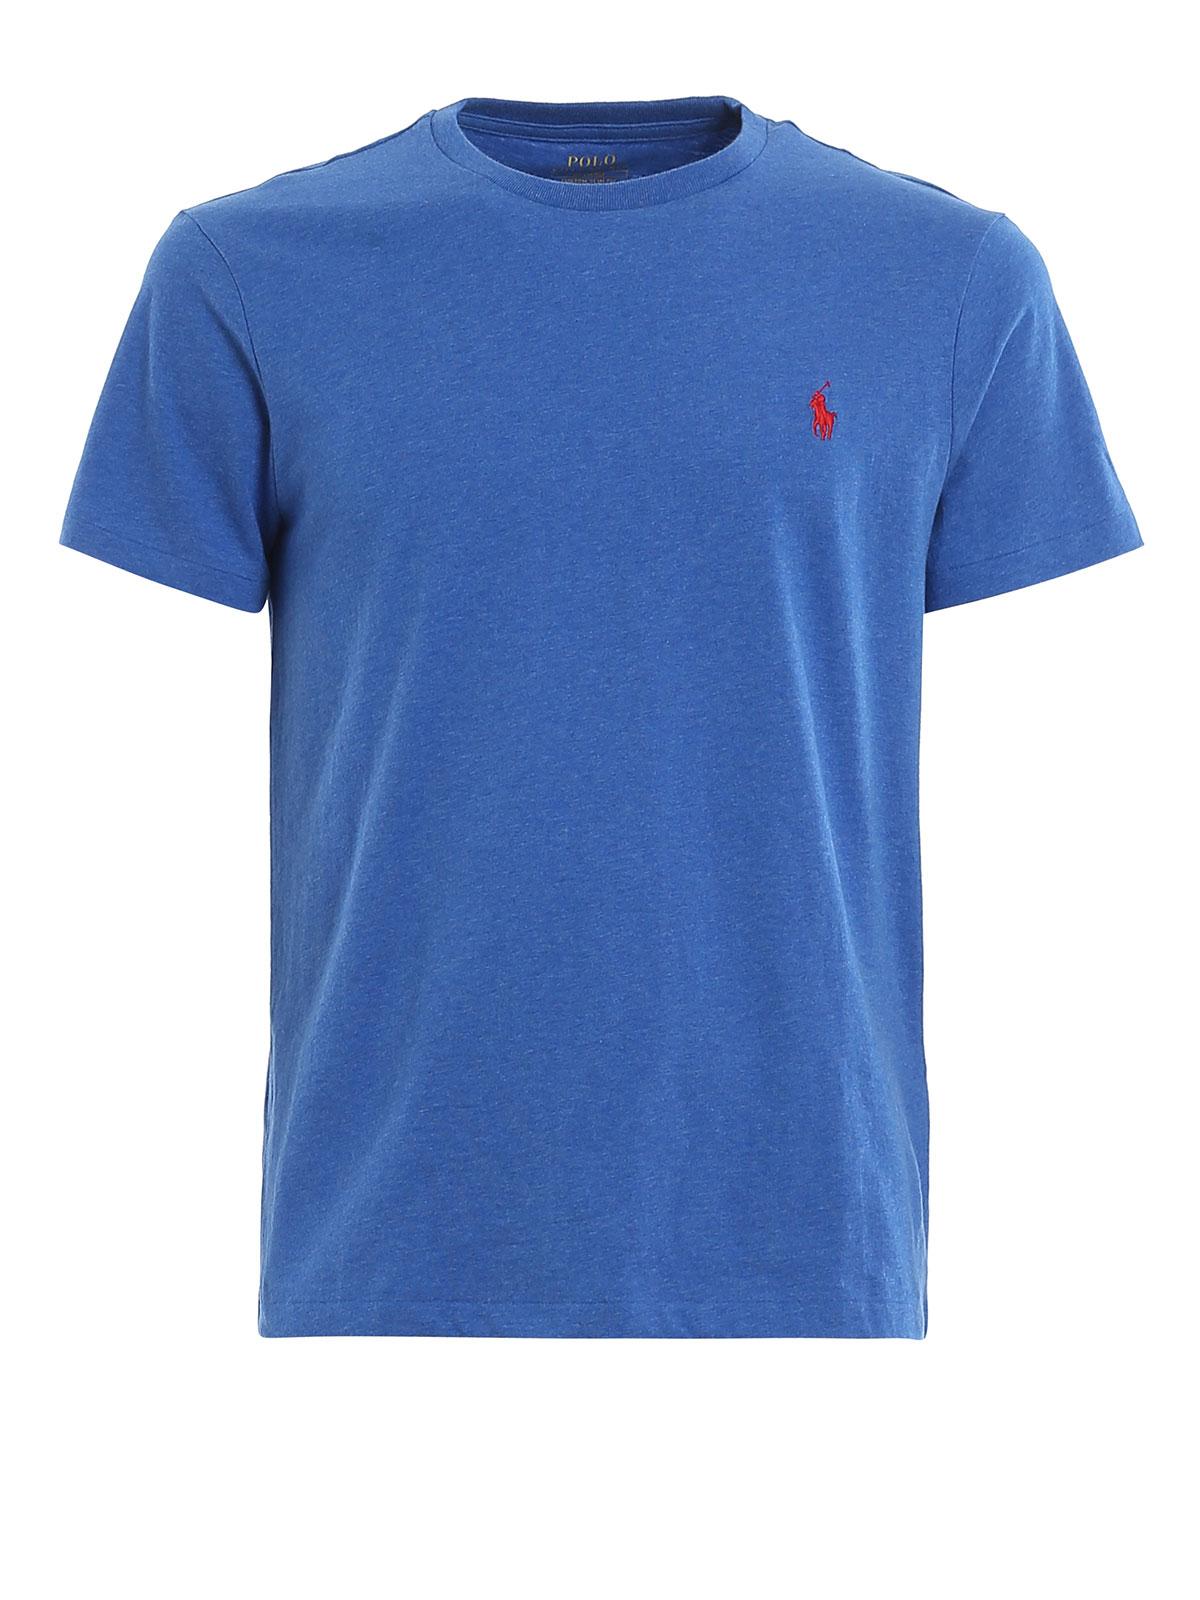 Polo Ralph Lauren Men S Custom Fit T